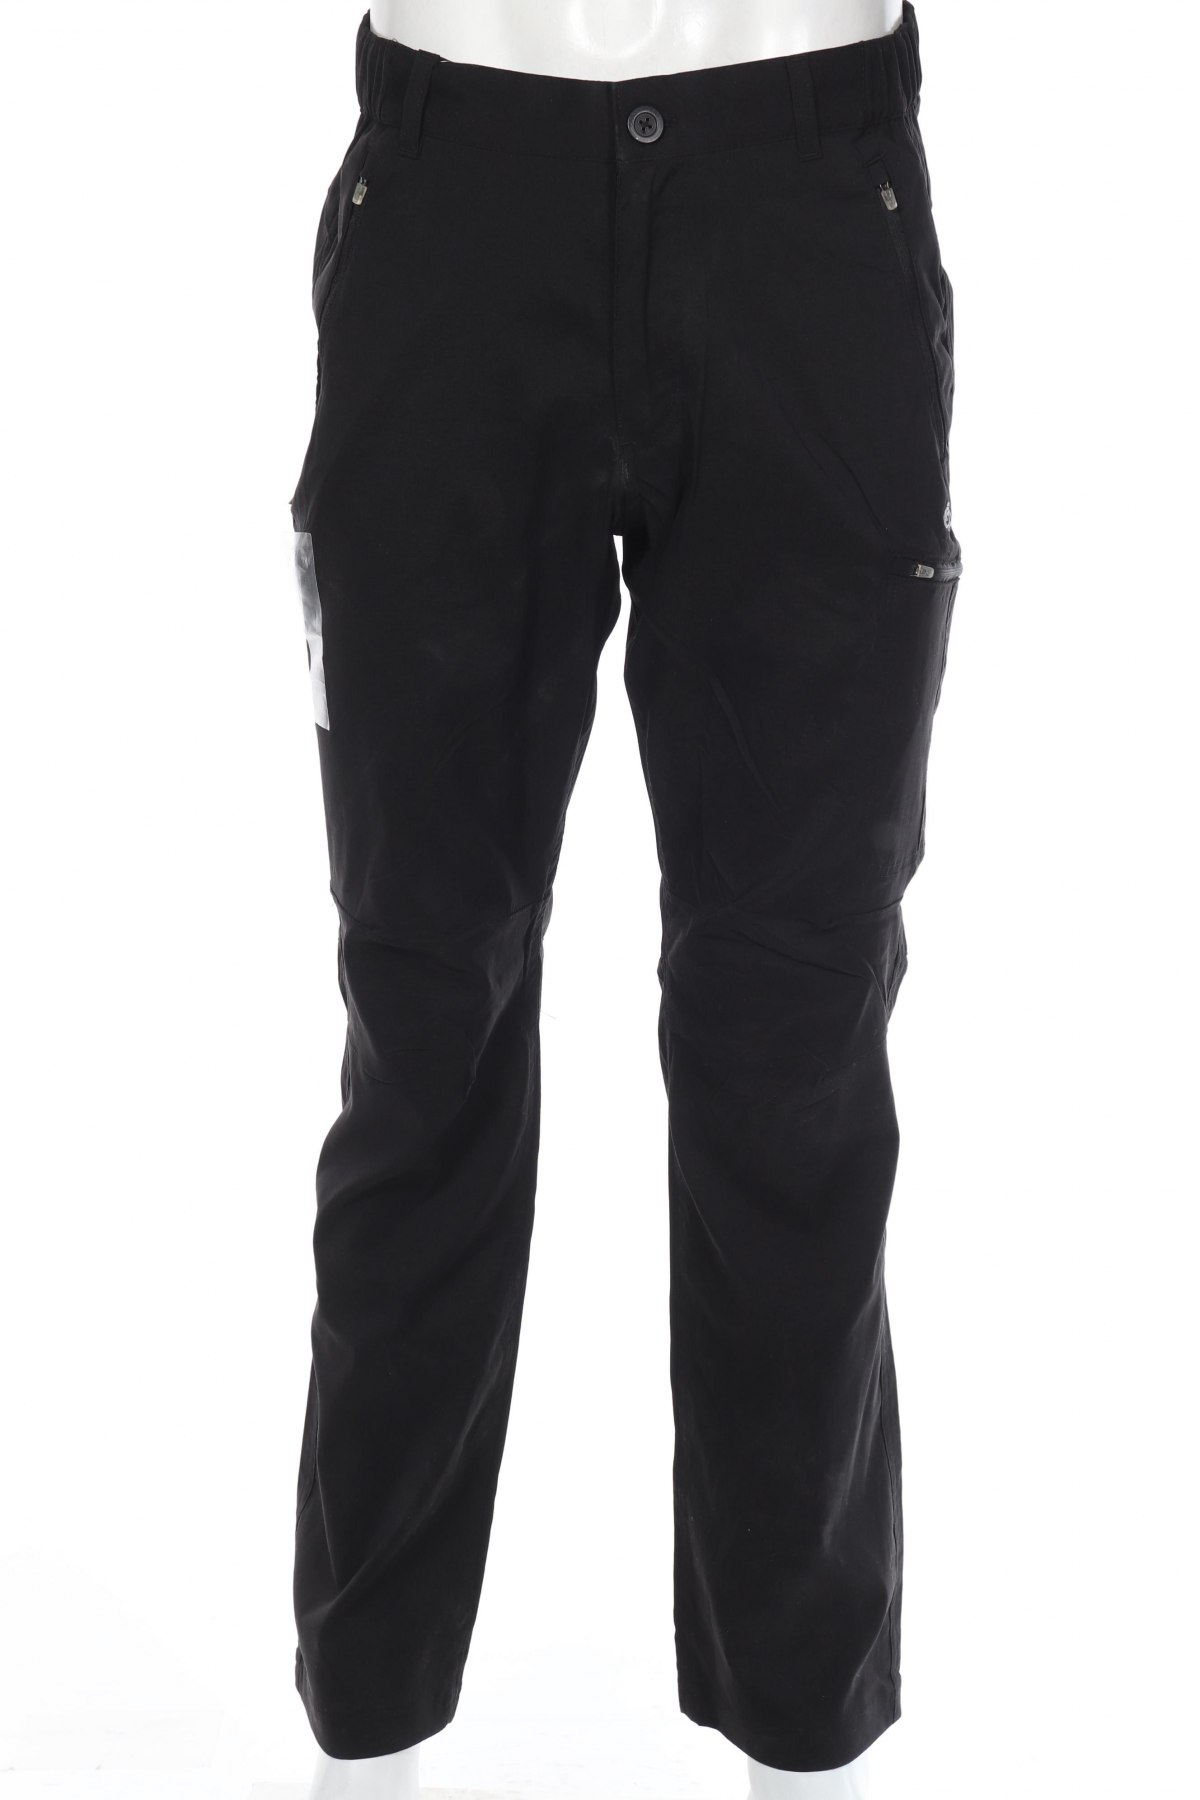 Мъжки спортен панталон Graghoppers, Размер M, Цвят Черен, 96% полиамид, 4% еластан, Цена 23,70лв.